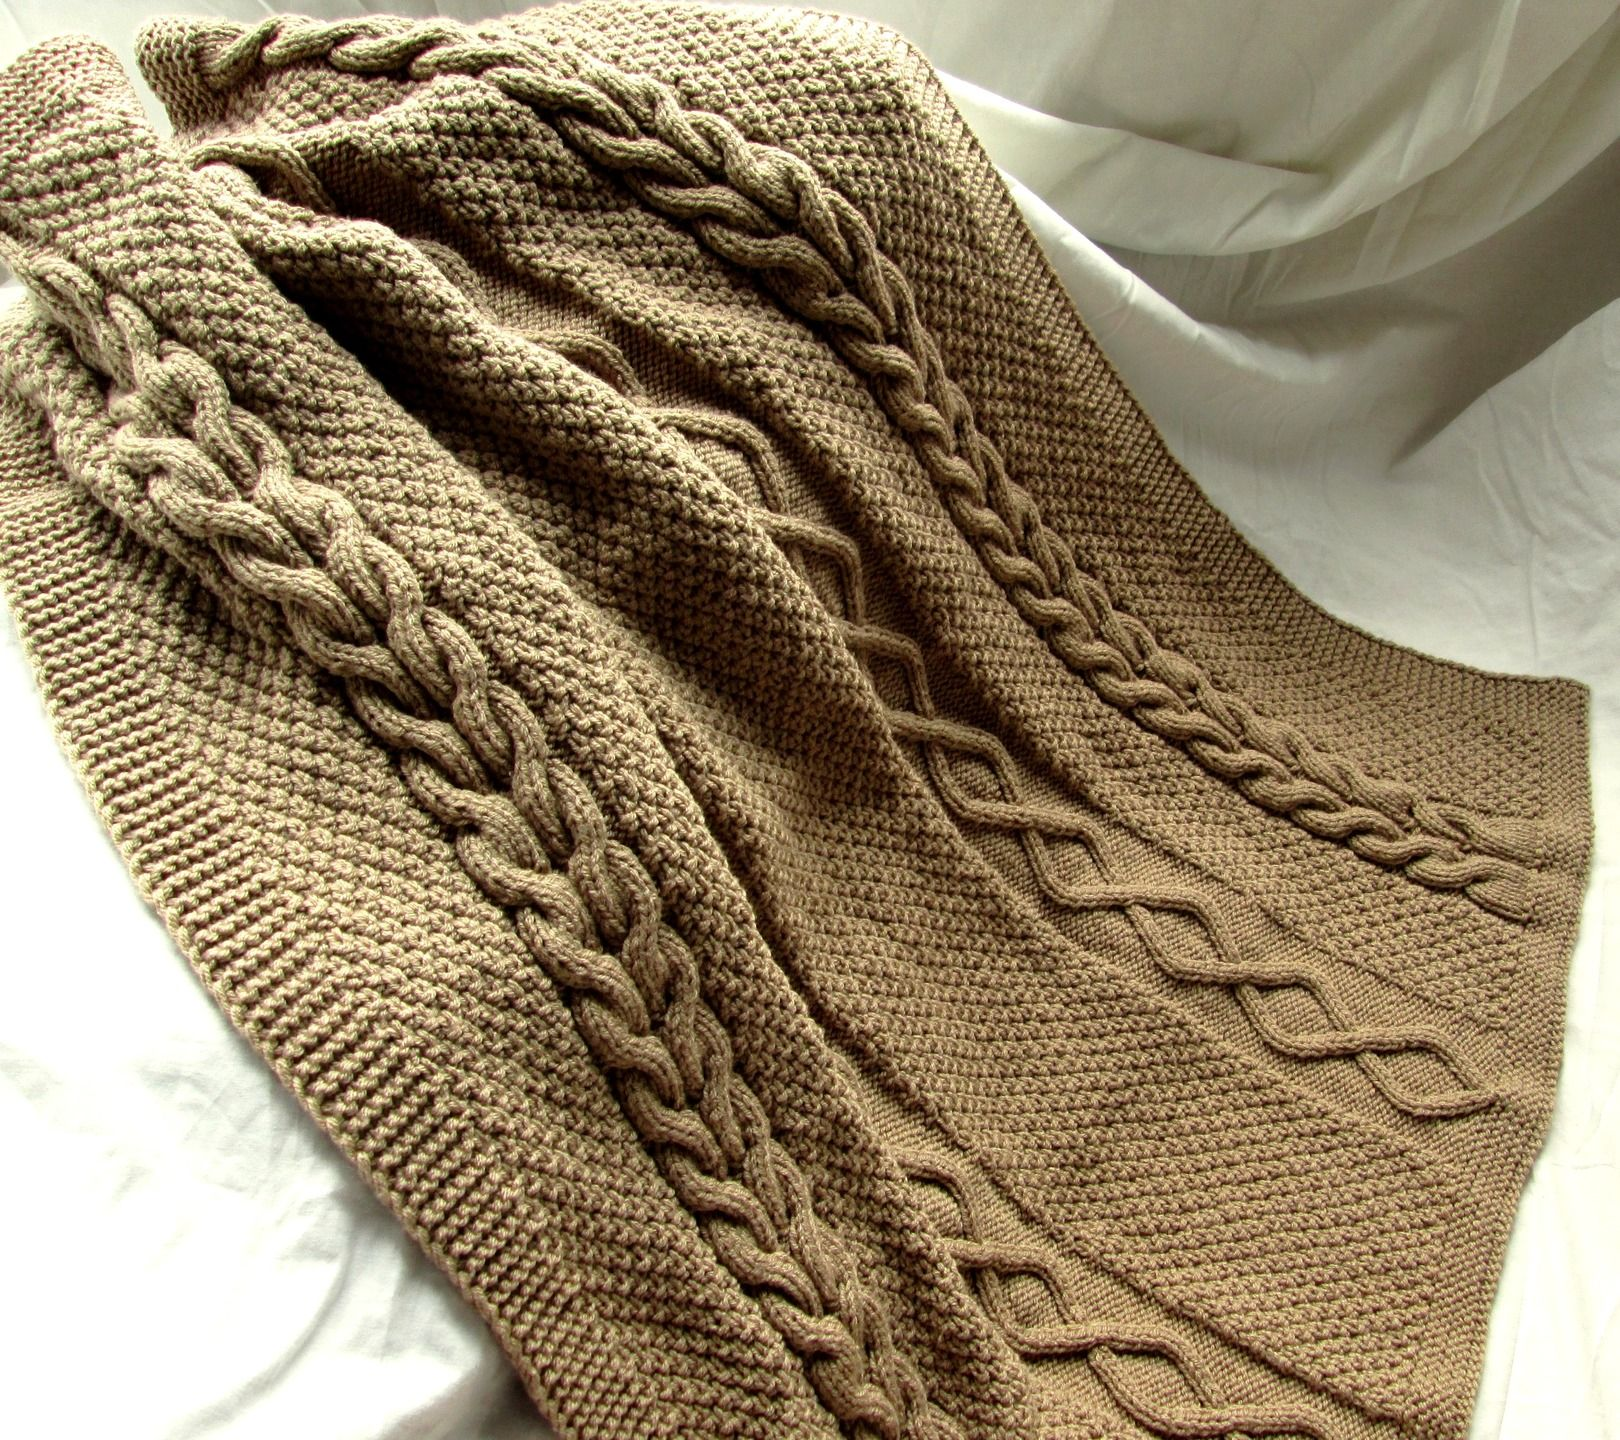 Couverture petit lit ou plaid tricot fait main en grosse - Couverture tricot grosse maille ...